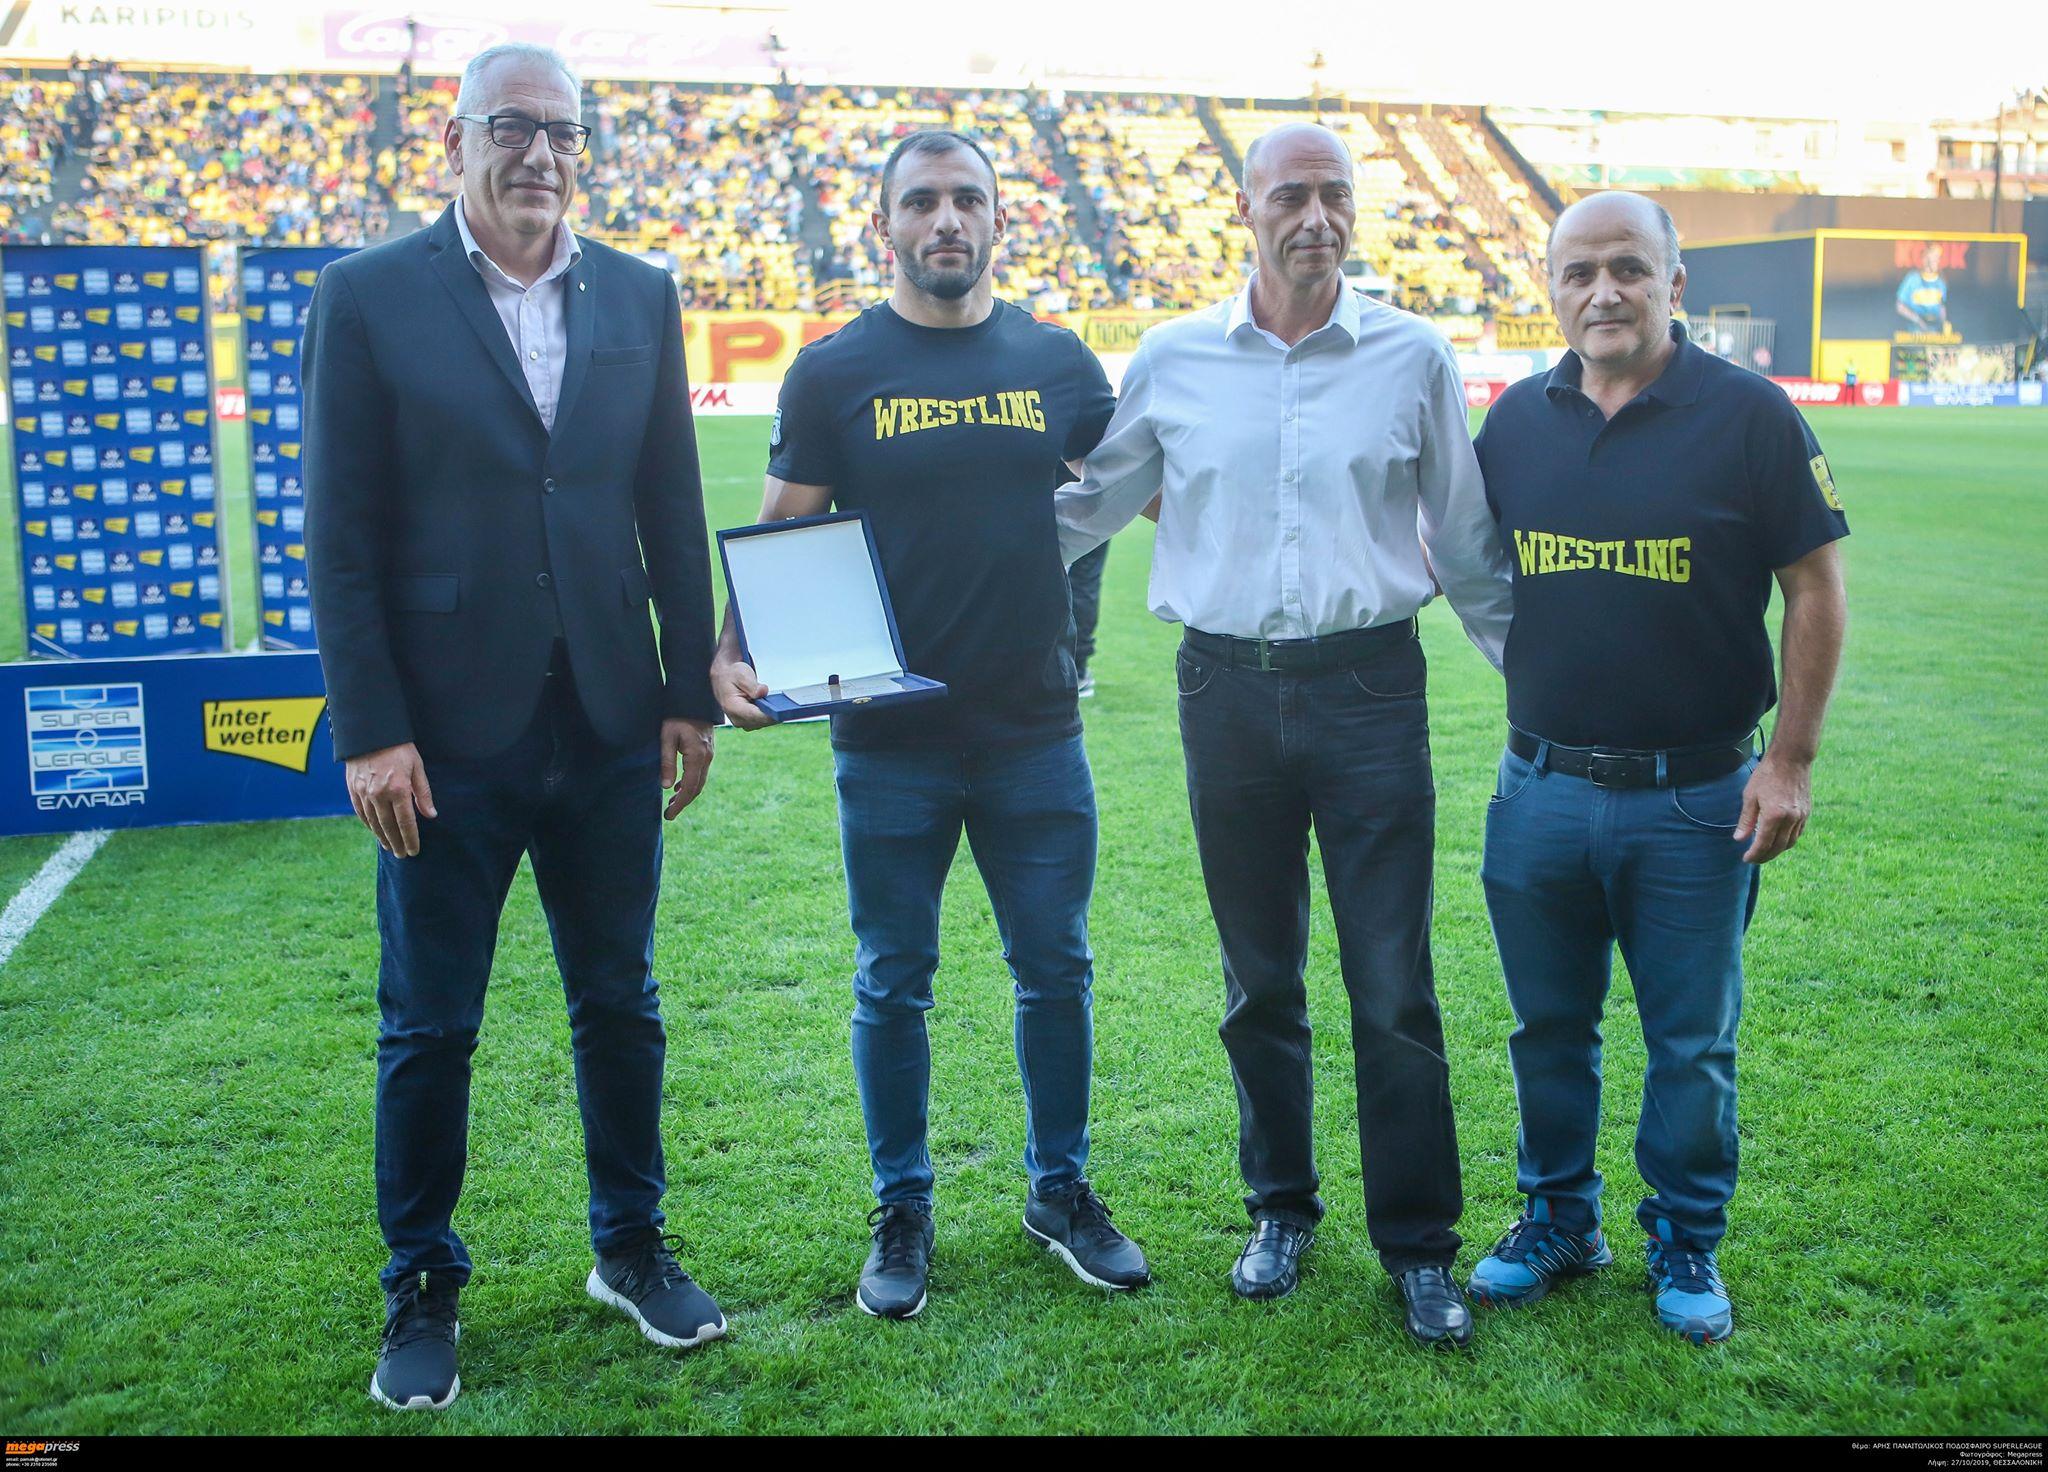 Βραβεύτηκε και αποθεώθηκε ο Κουλουχίδης (photos)